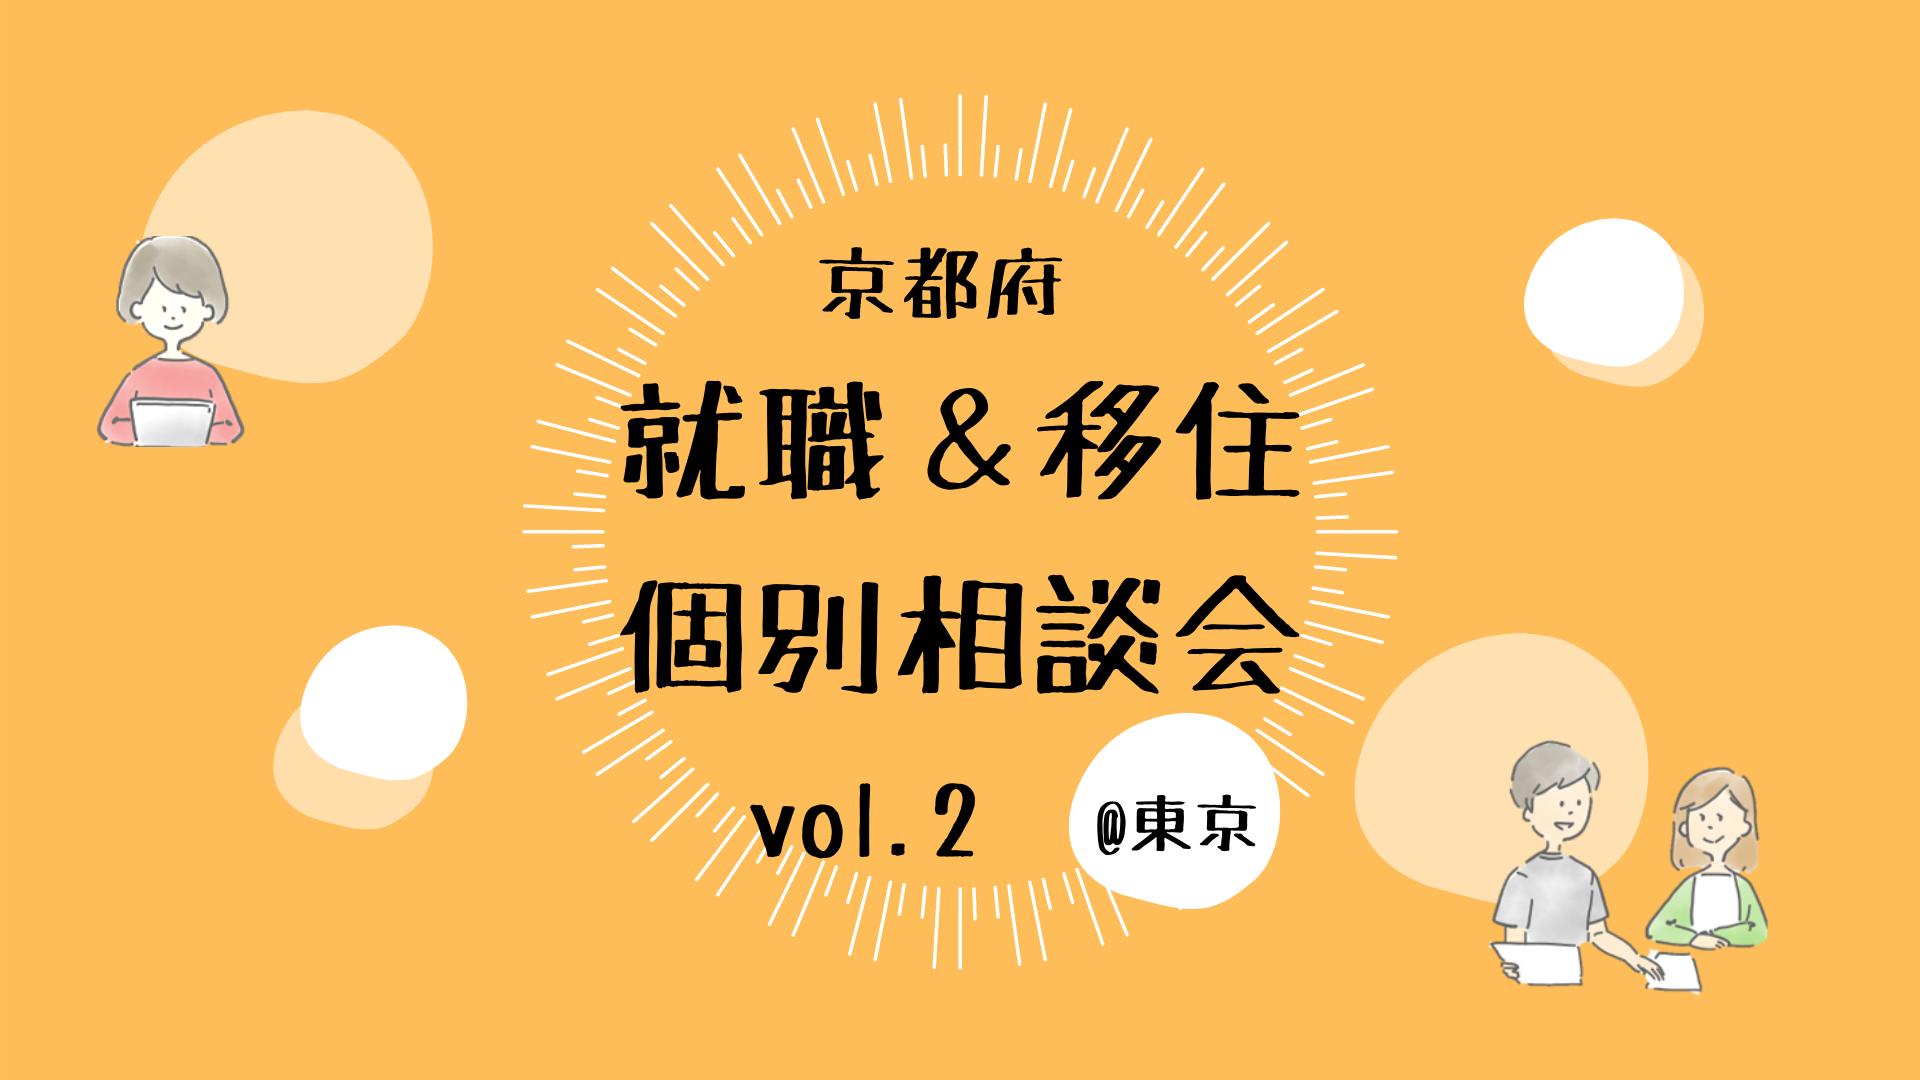 [相談会]就職&移住個別相談会 vol.2@東京